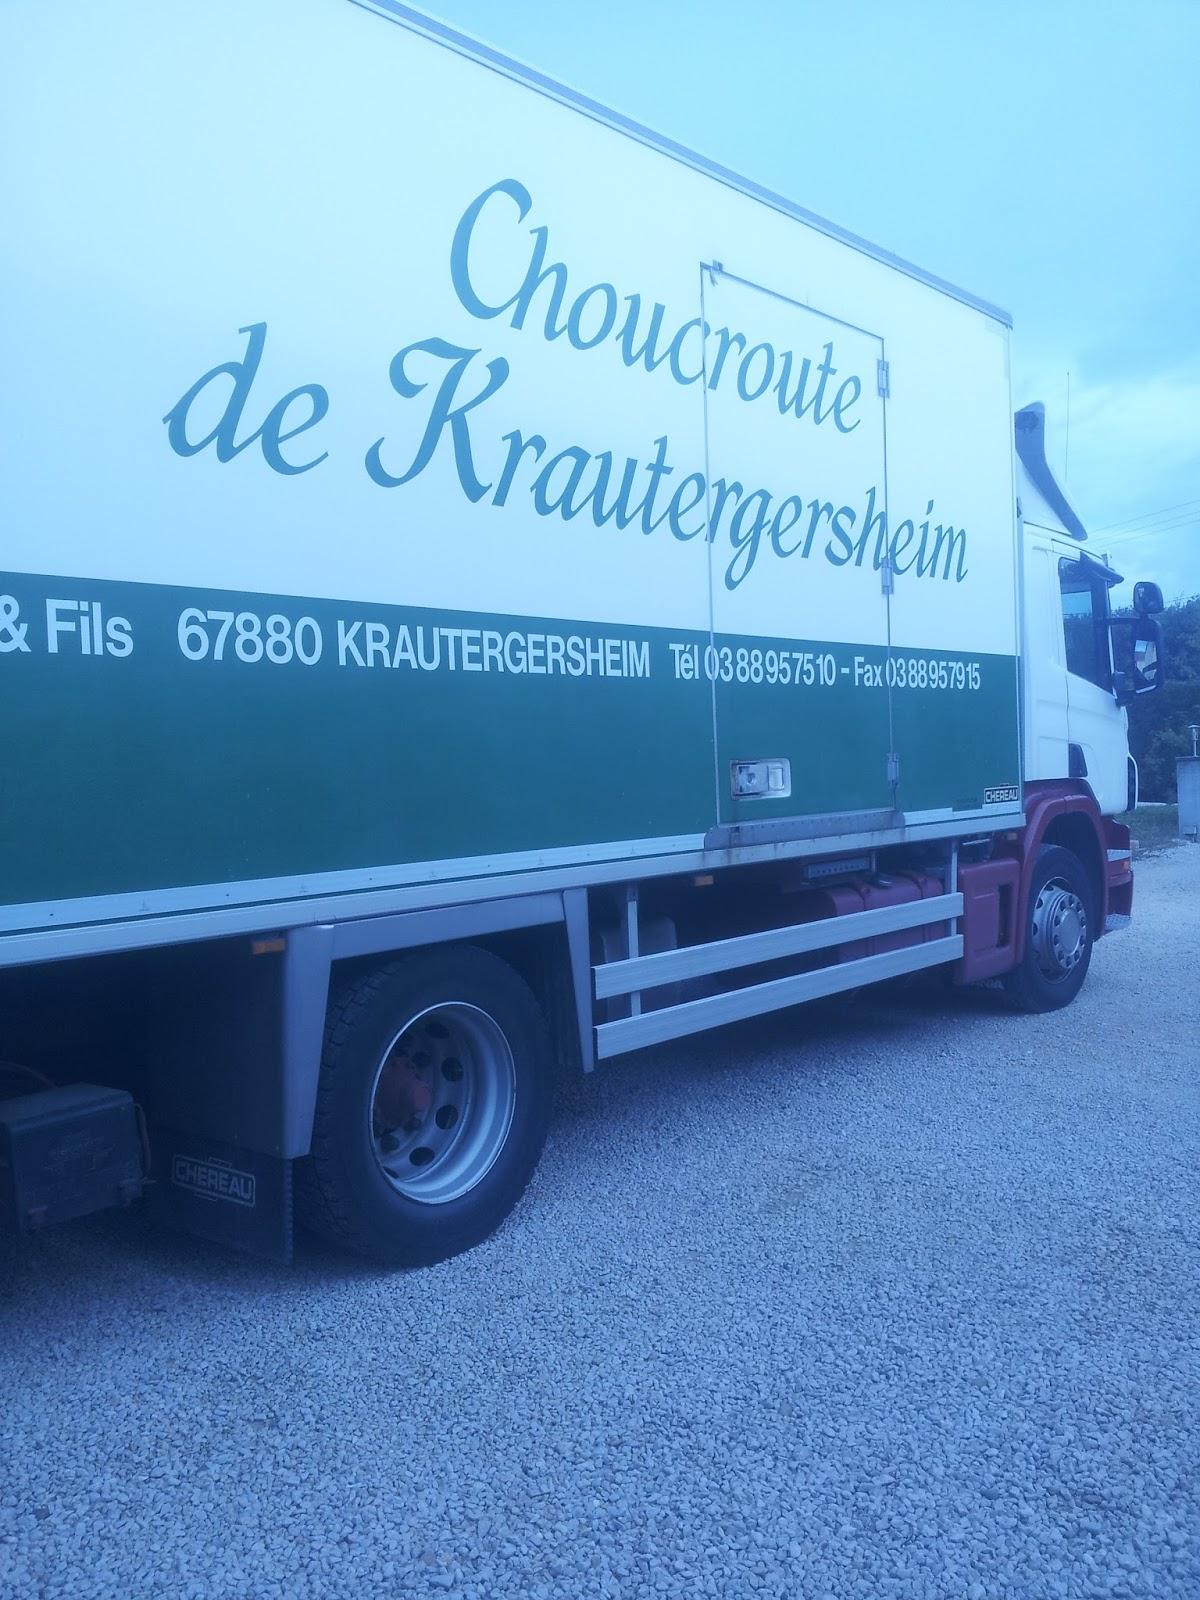 Traiteur paella domicile 71 39 21 01 casu andr louhans septembr - Choucroute de krautergersheim ...